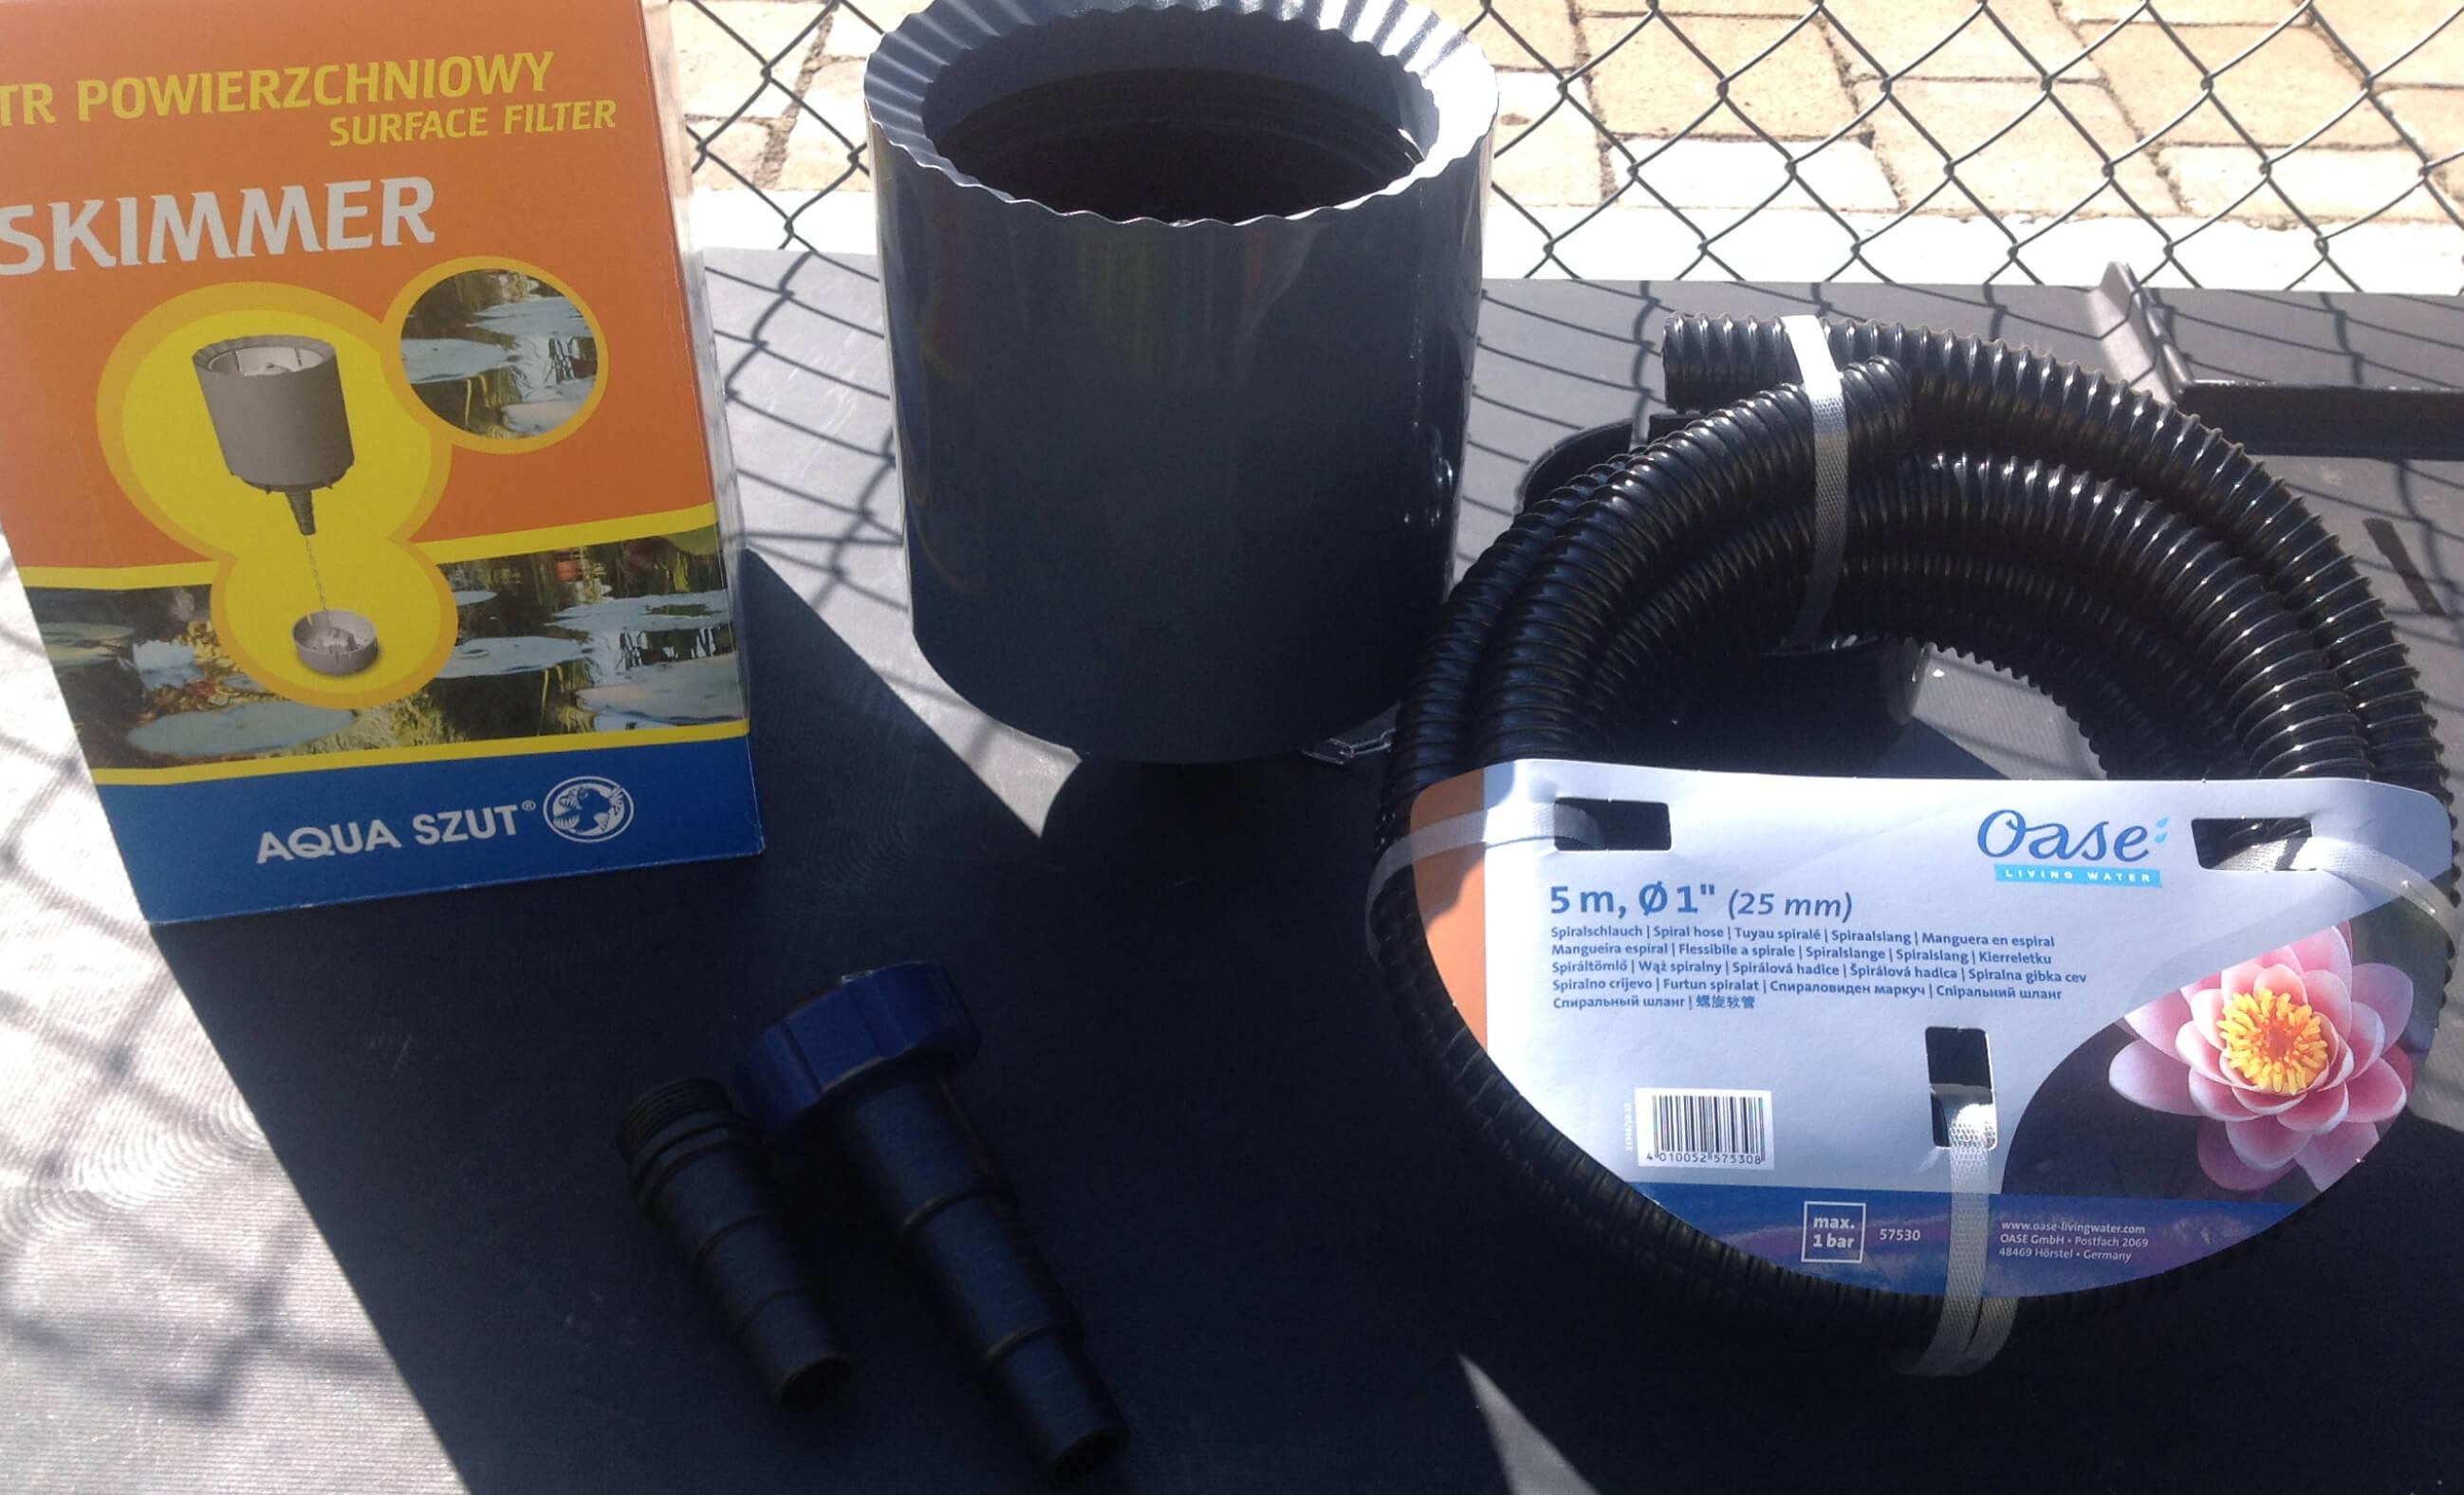 Oberflächenabsaugung / Skimmer für den Gartenteich